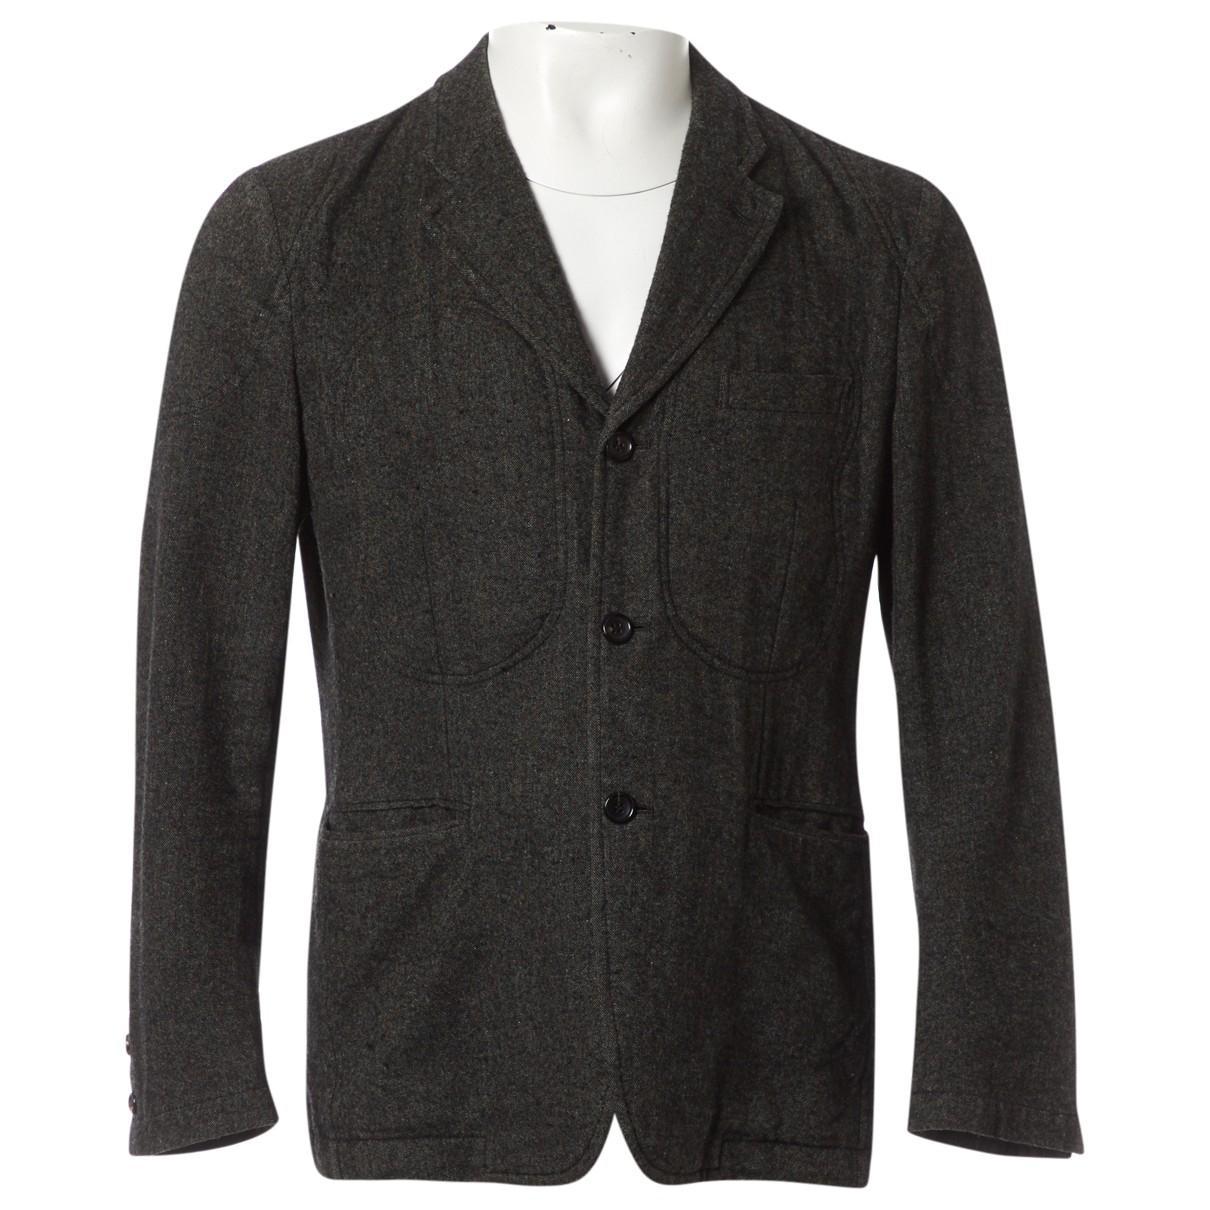 Comme Des Garcons \N Green Wool jacket  for Men M International